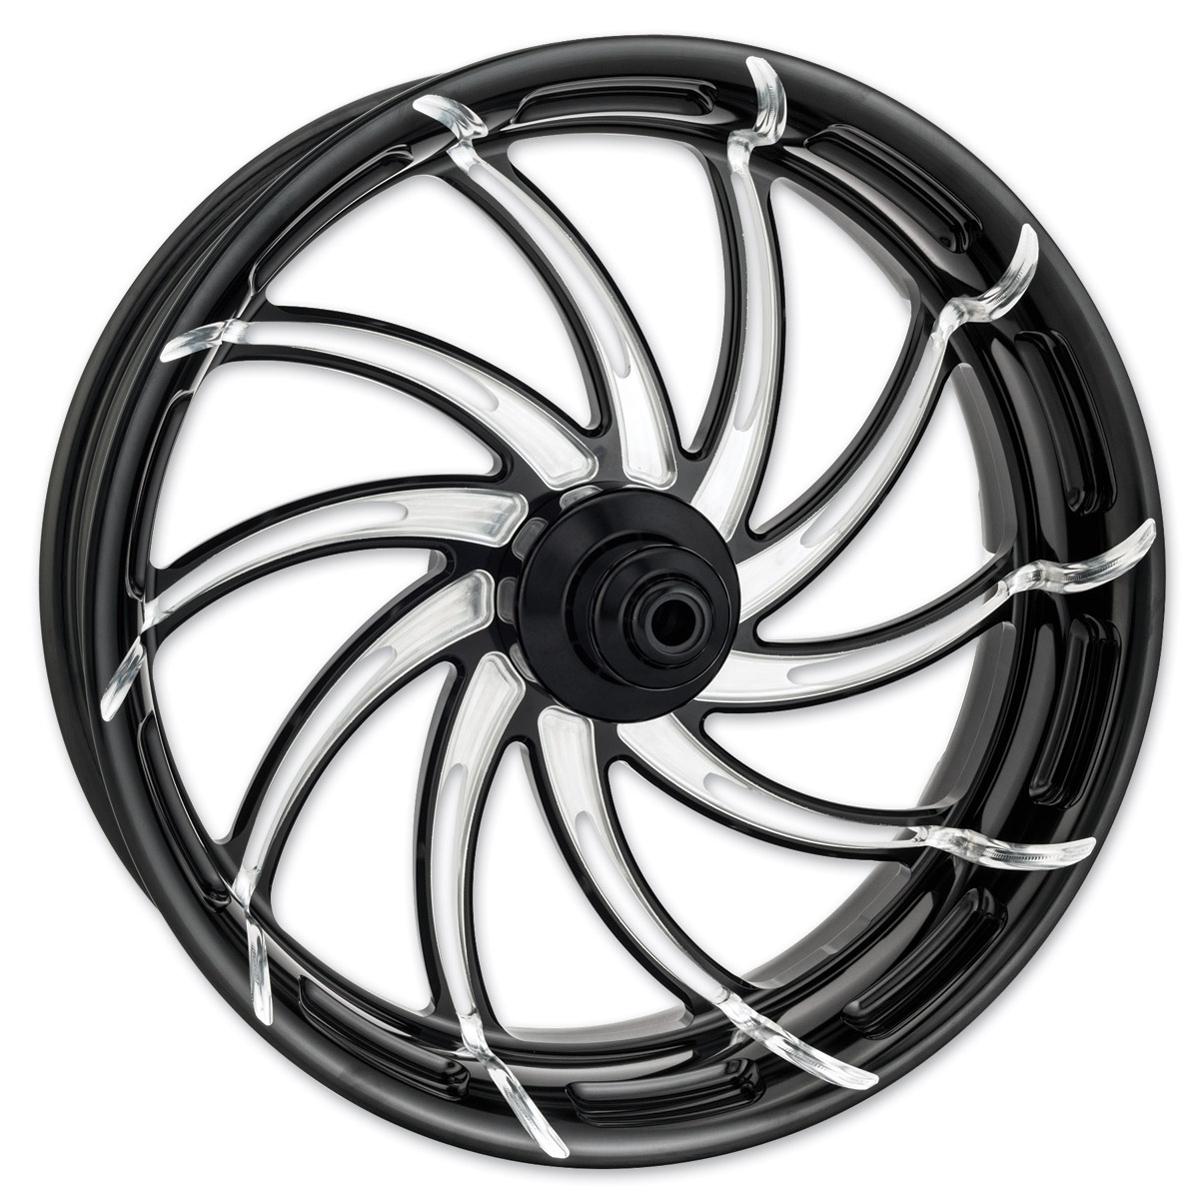 Performance Machine Supra Platinum Cut Rear Wheel 17x6 Non-ABS